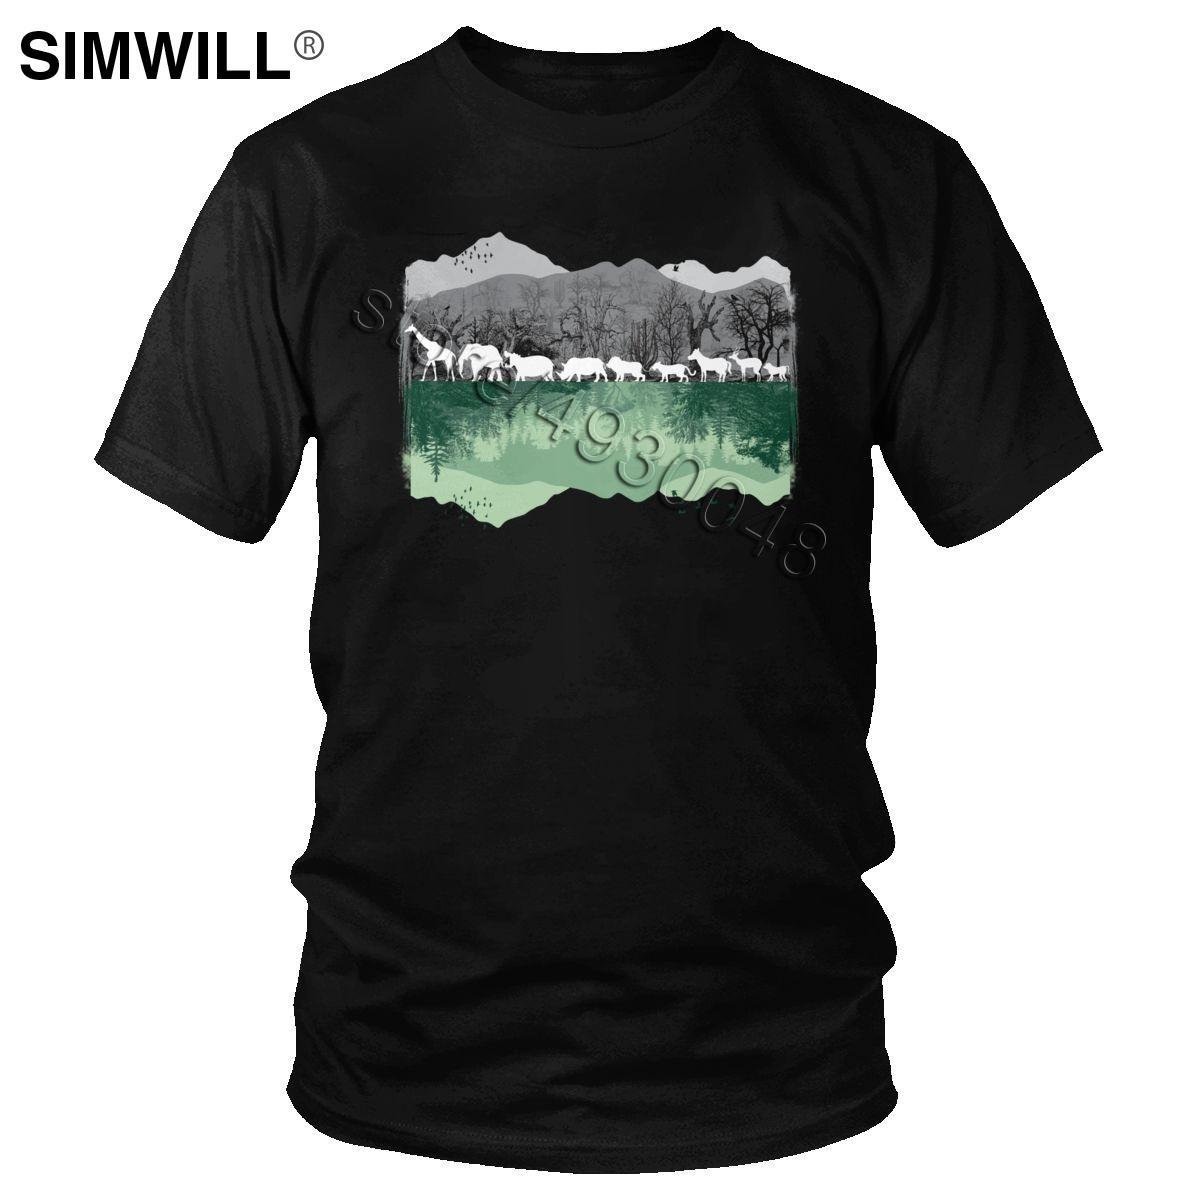 Trend Save The Wild Animal T gömlek erkekler Pamuk Tees Yuvarlak Yaka Kısa Kollu Afrika Hayat Tişört Grafik Yaz Hediye Tops yazdır